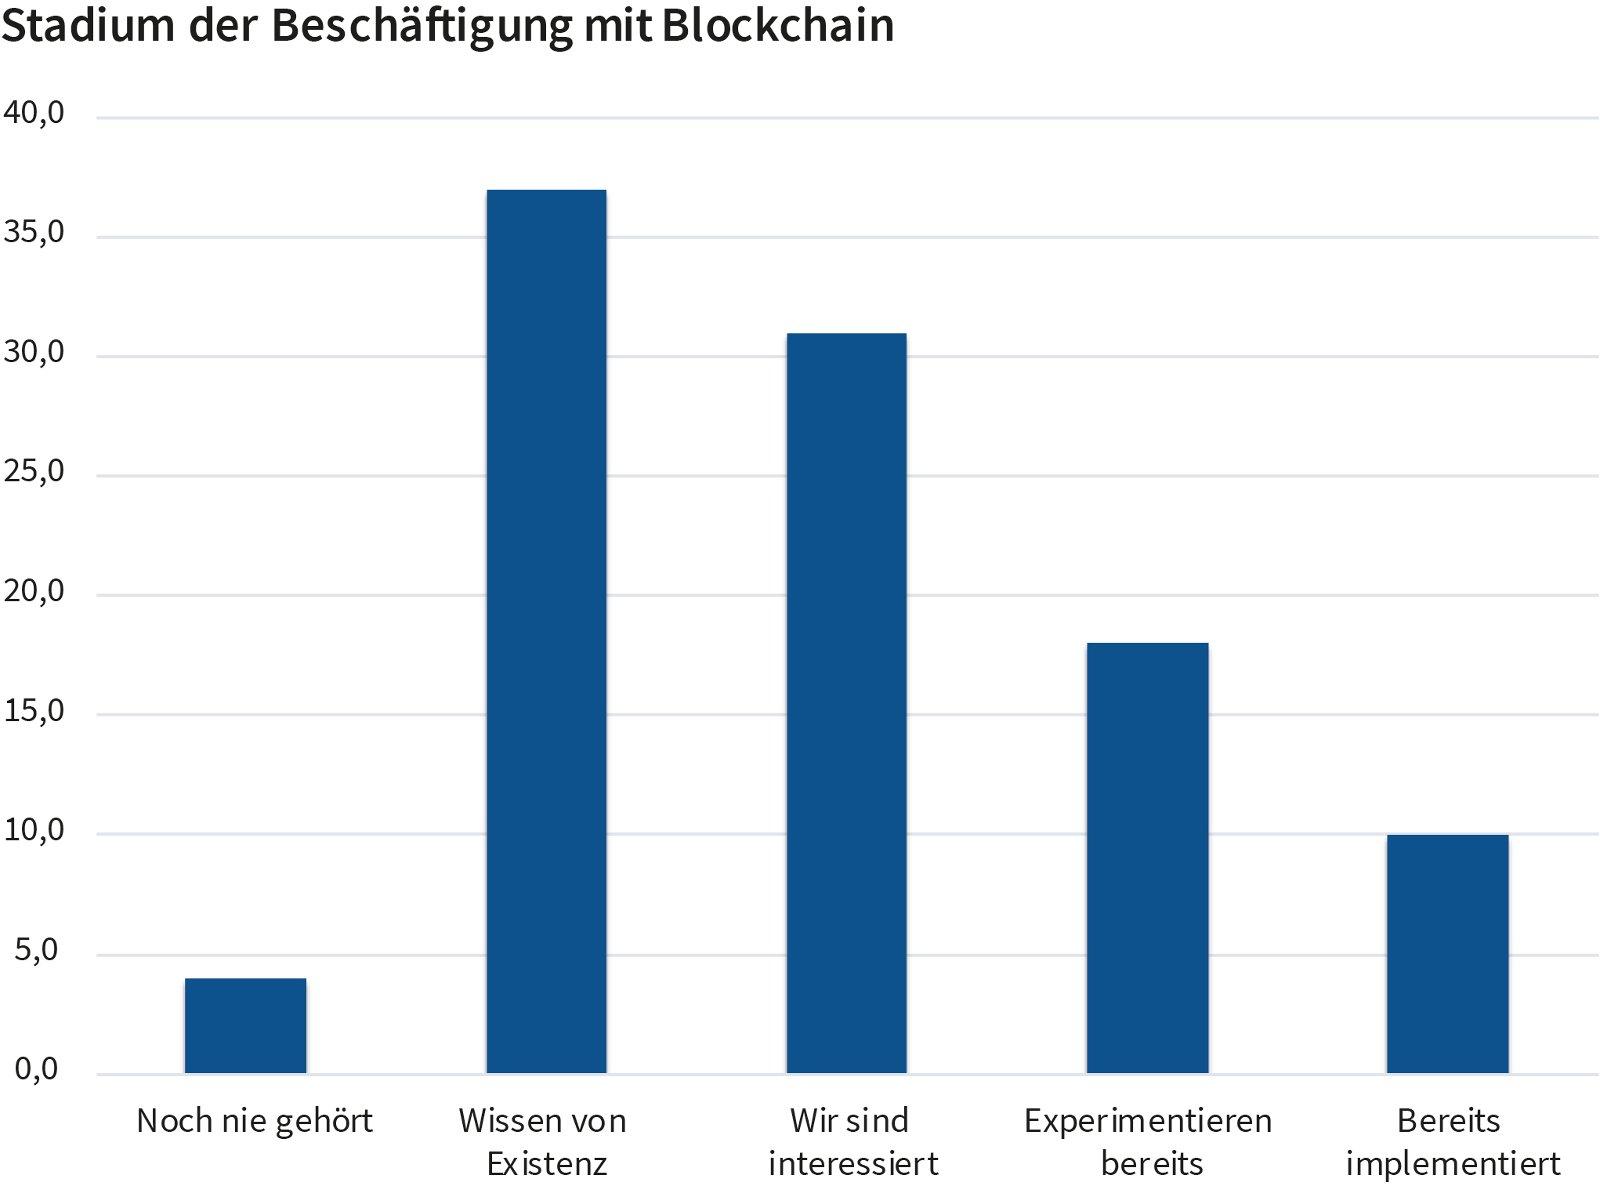 Stadium der Beschäftigung mit Blockchain